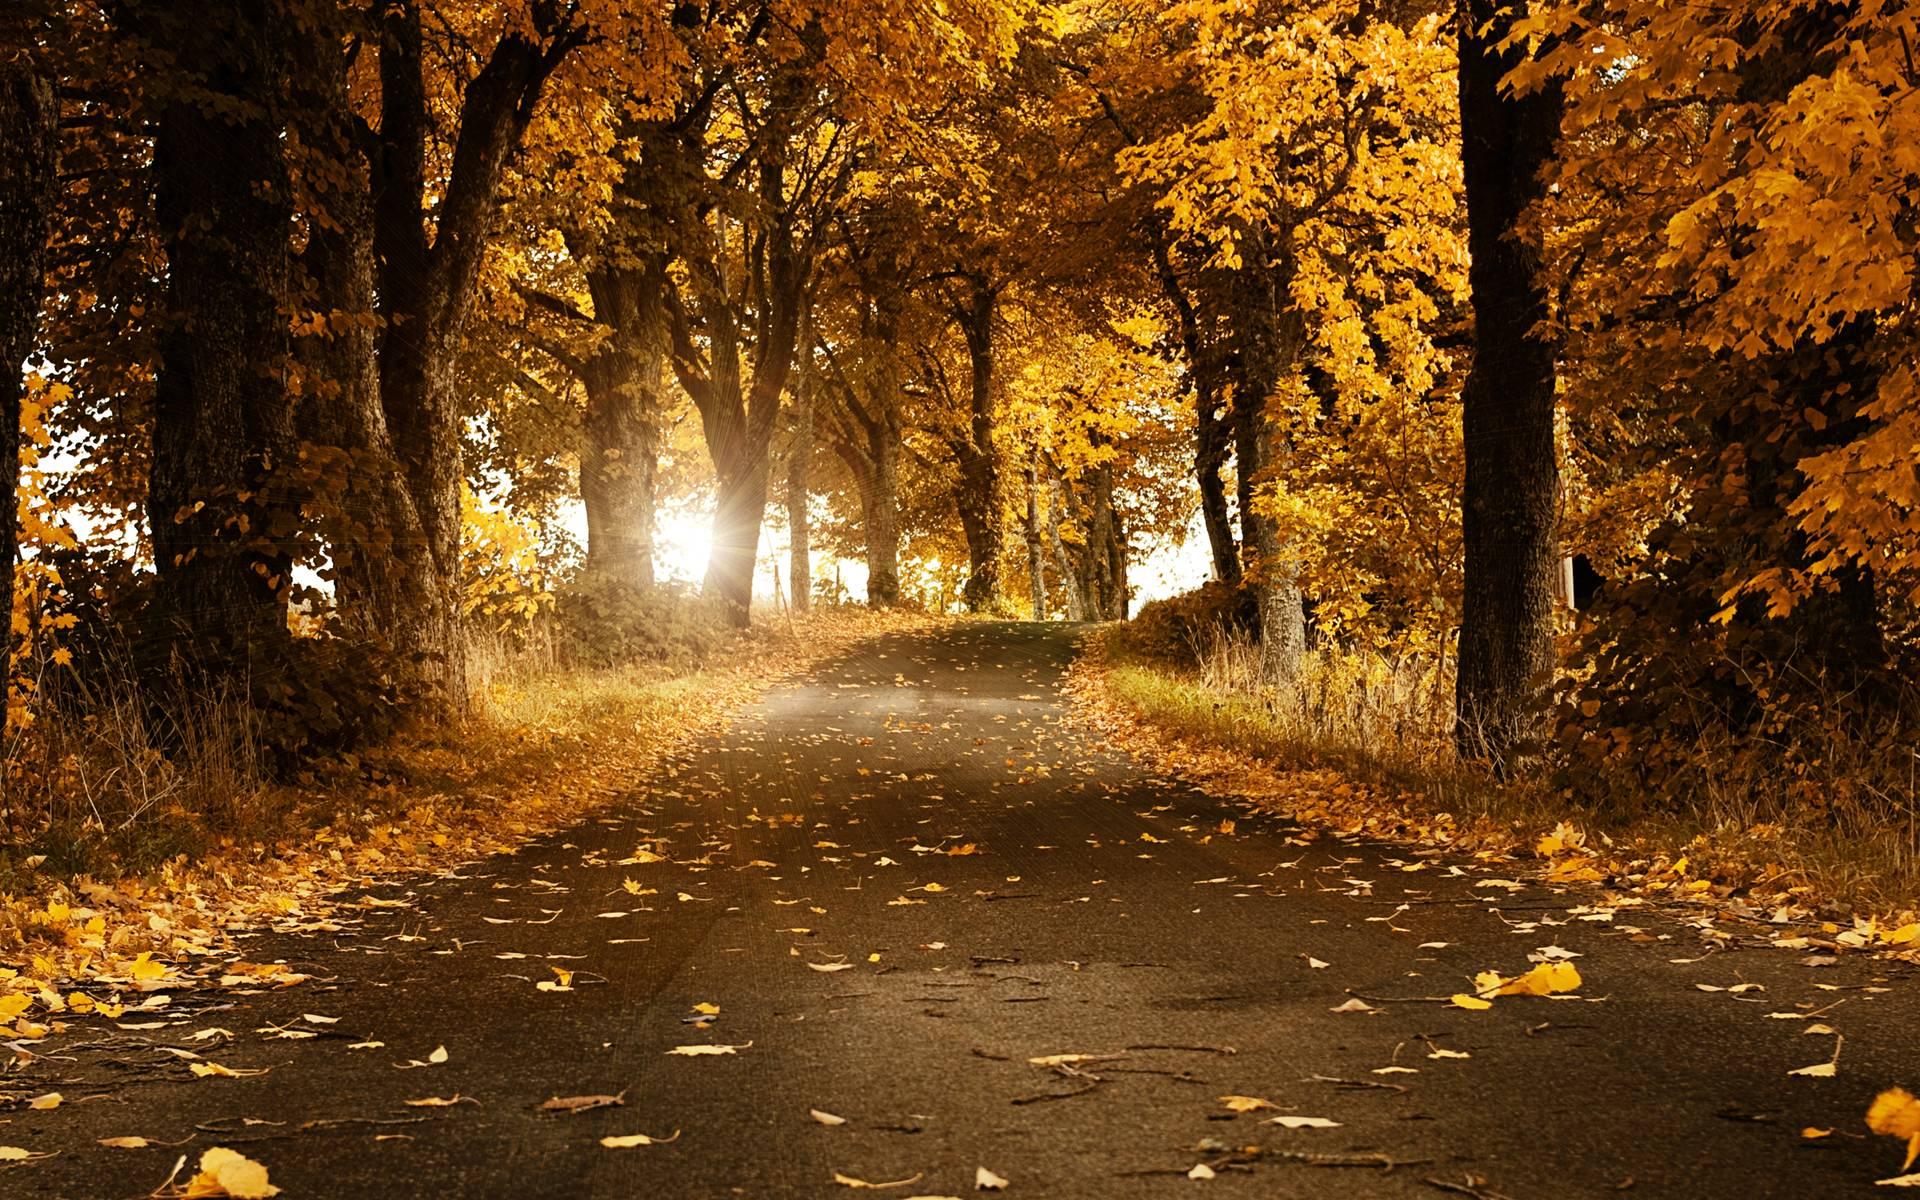 بالصور صور طبيعة جميلة , احلى خلفيات اشجار وسماء وبحار روعه 10510 10